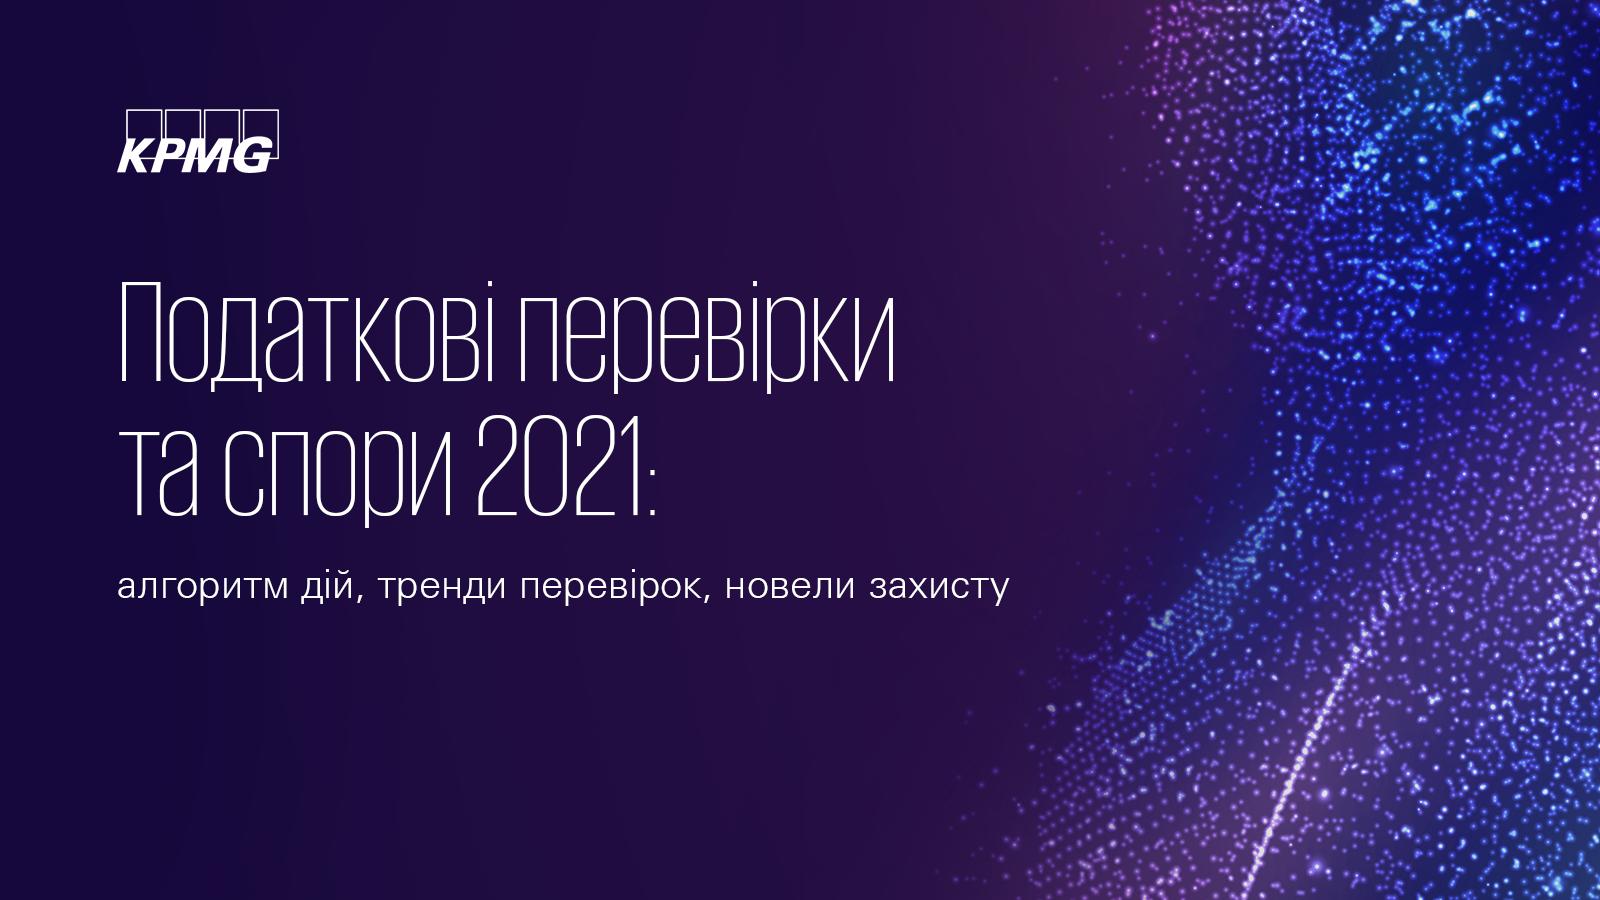 Податкові перевірки та спори 2021: алгоритм дій, тренди перевірок, новели захисту